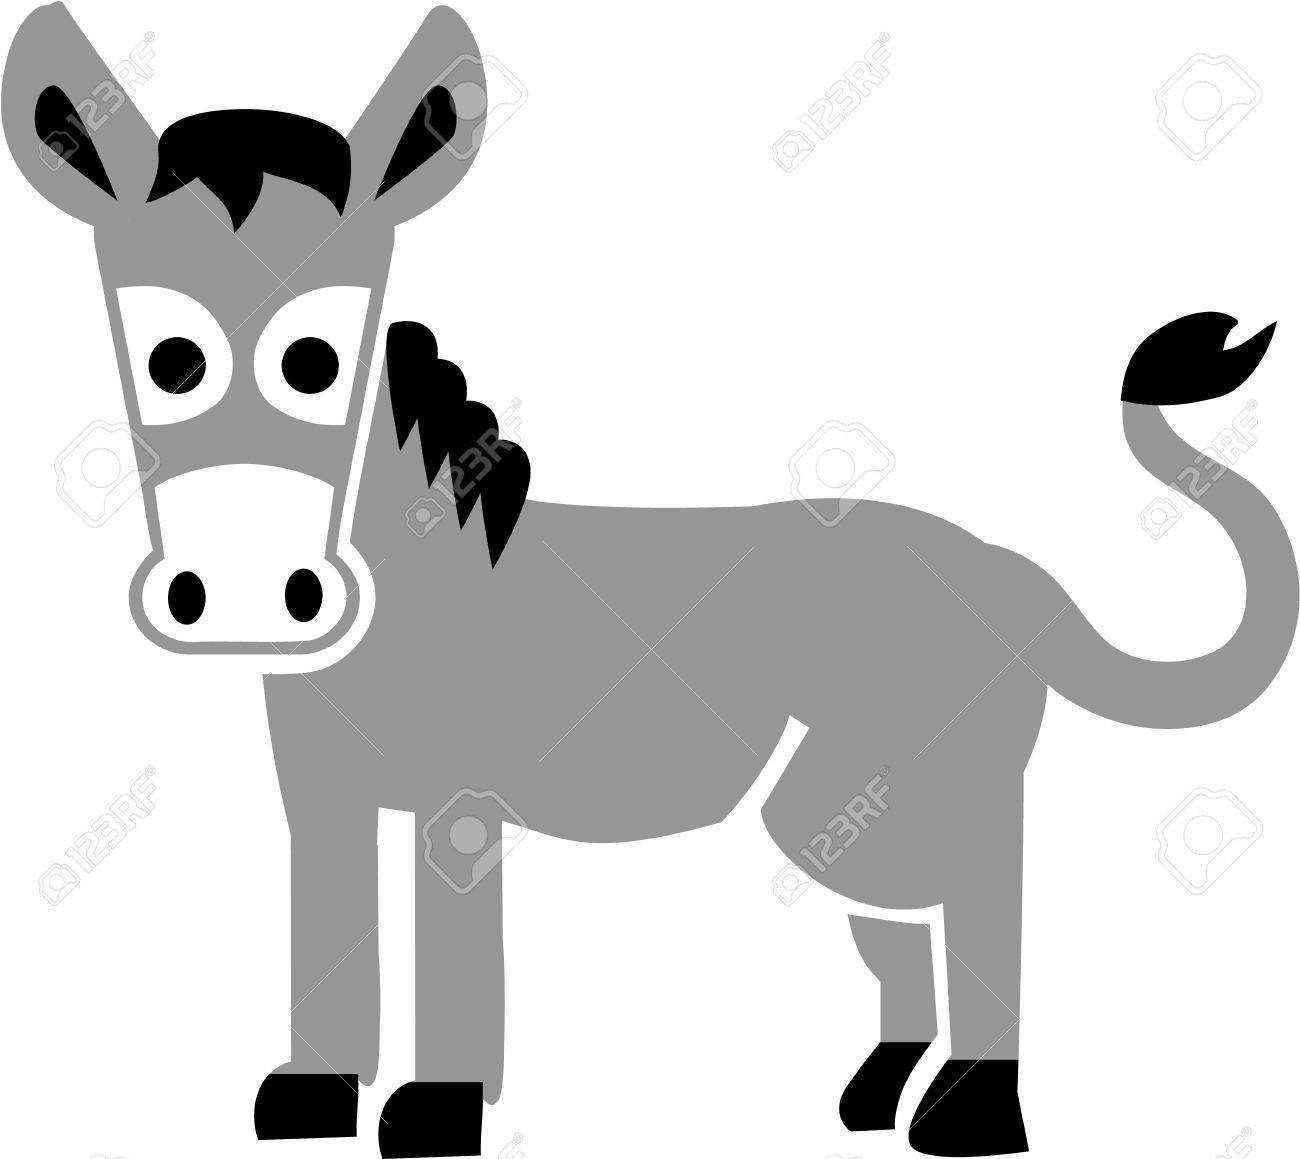 1300x1159 Cartoon Donkey Royalty Free Cliparts, Vectors, And Stock